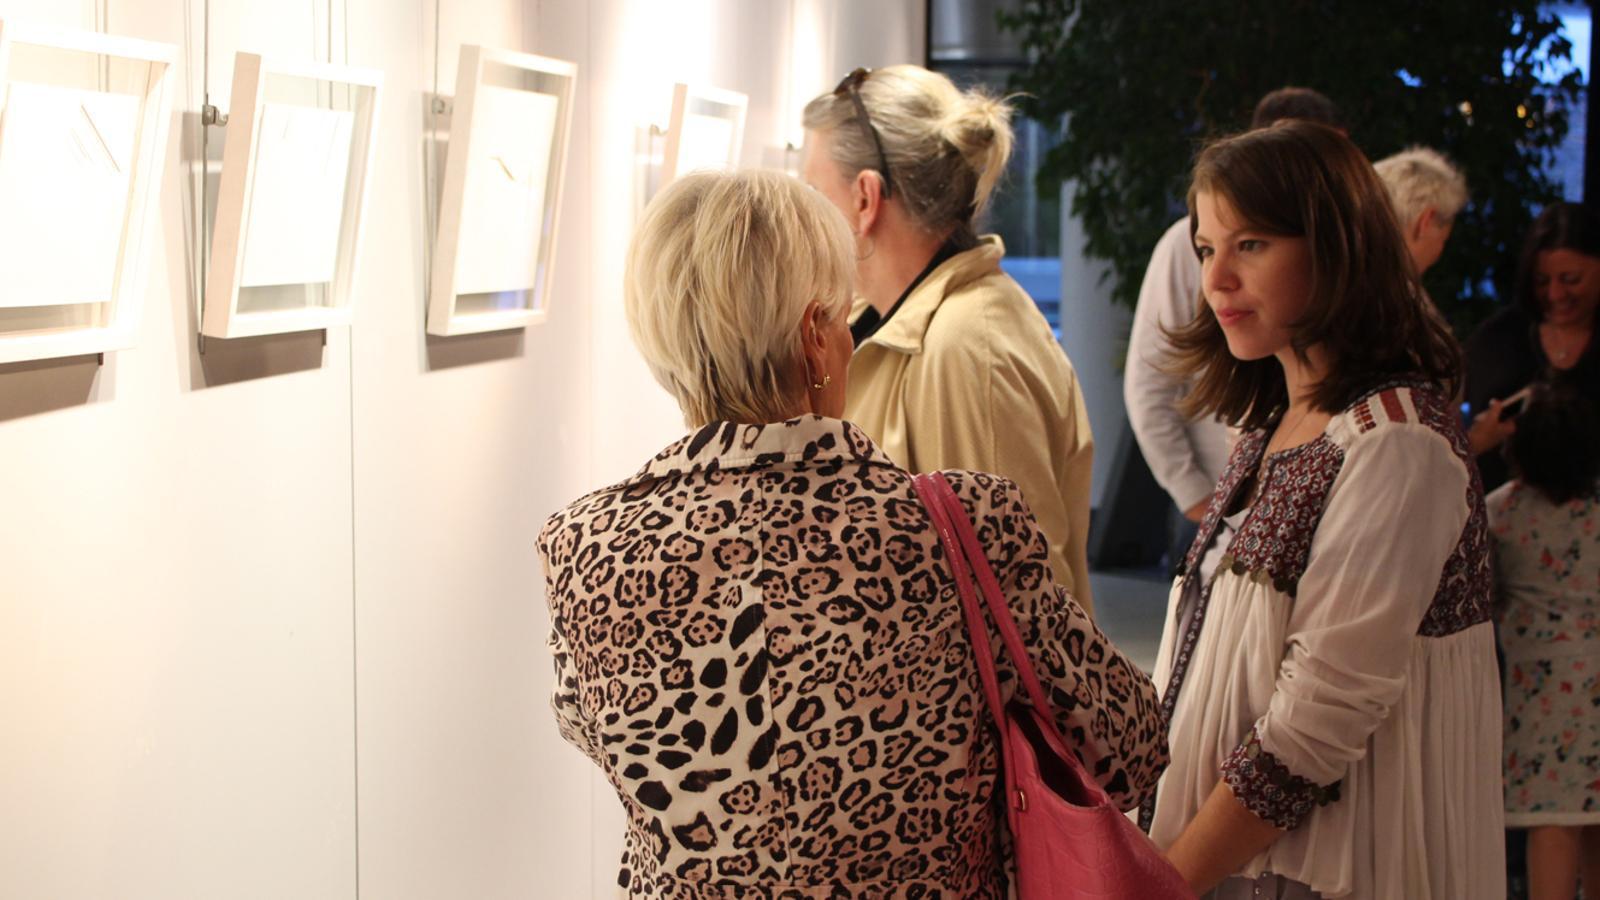 L'artista Vanda Drouin conversant amb els assistents a l'exposició 'La línia com a punt de partida'. / M. P. (ANA)